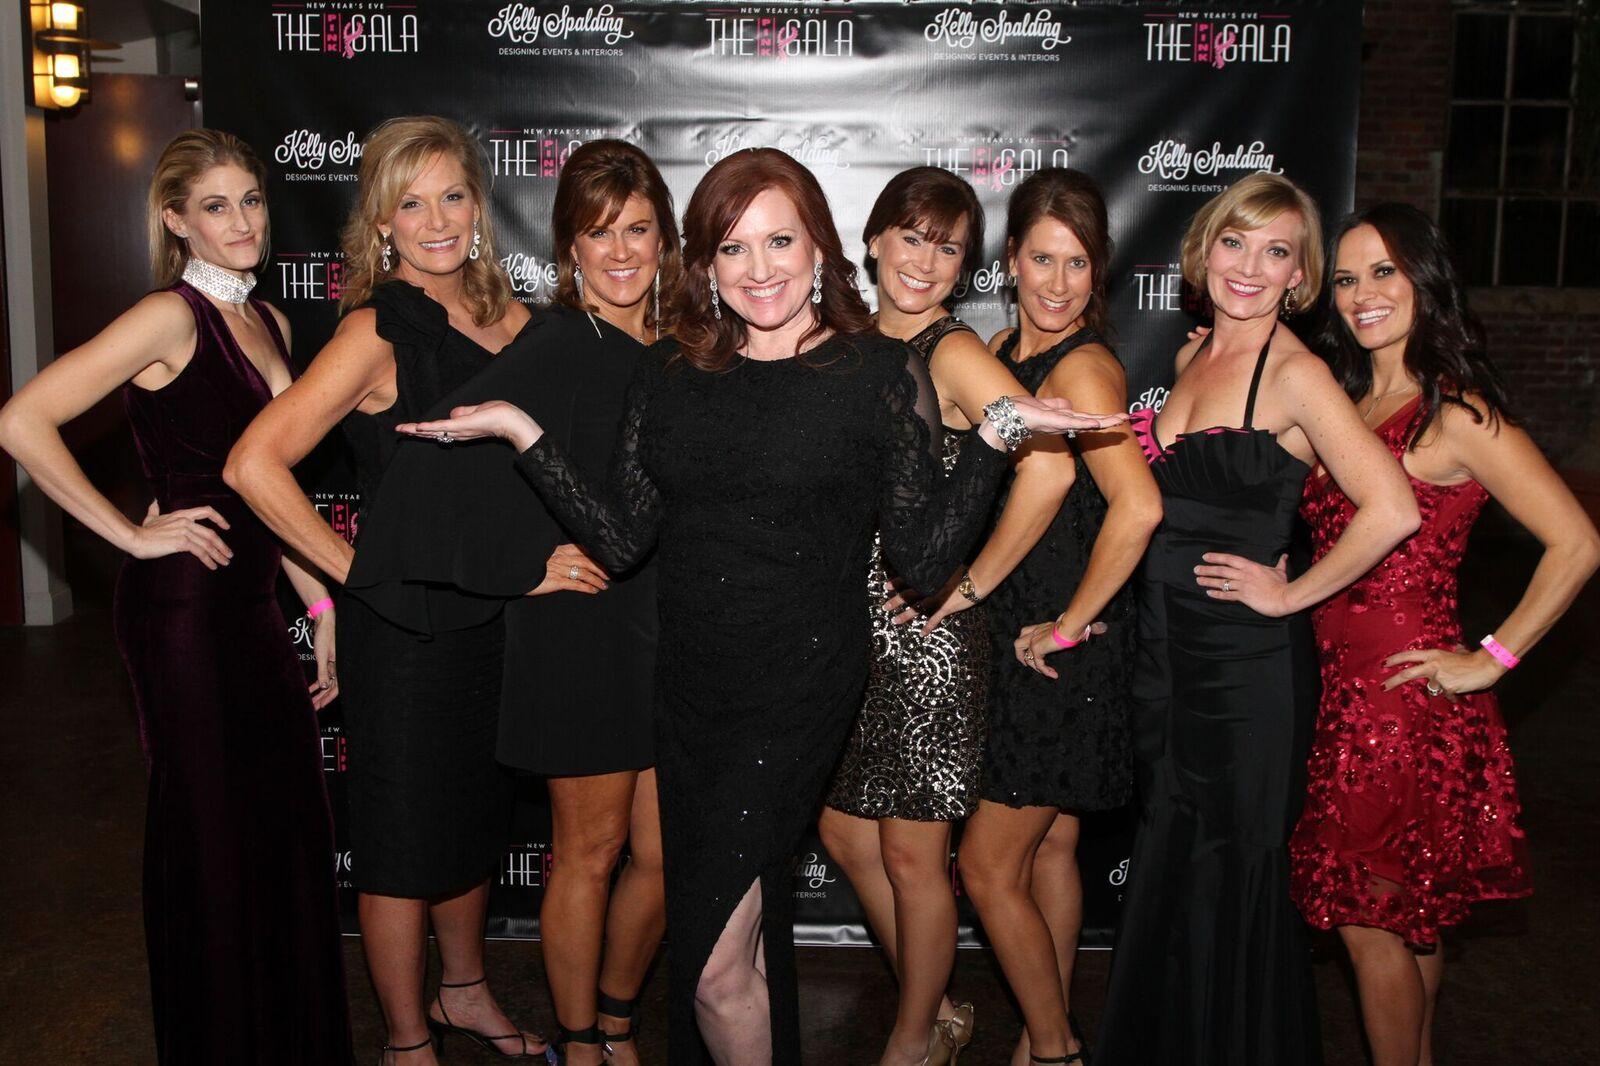 Gala Girls 2016